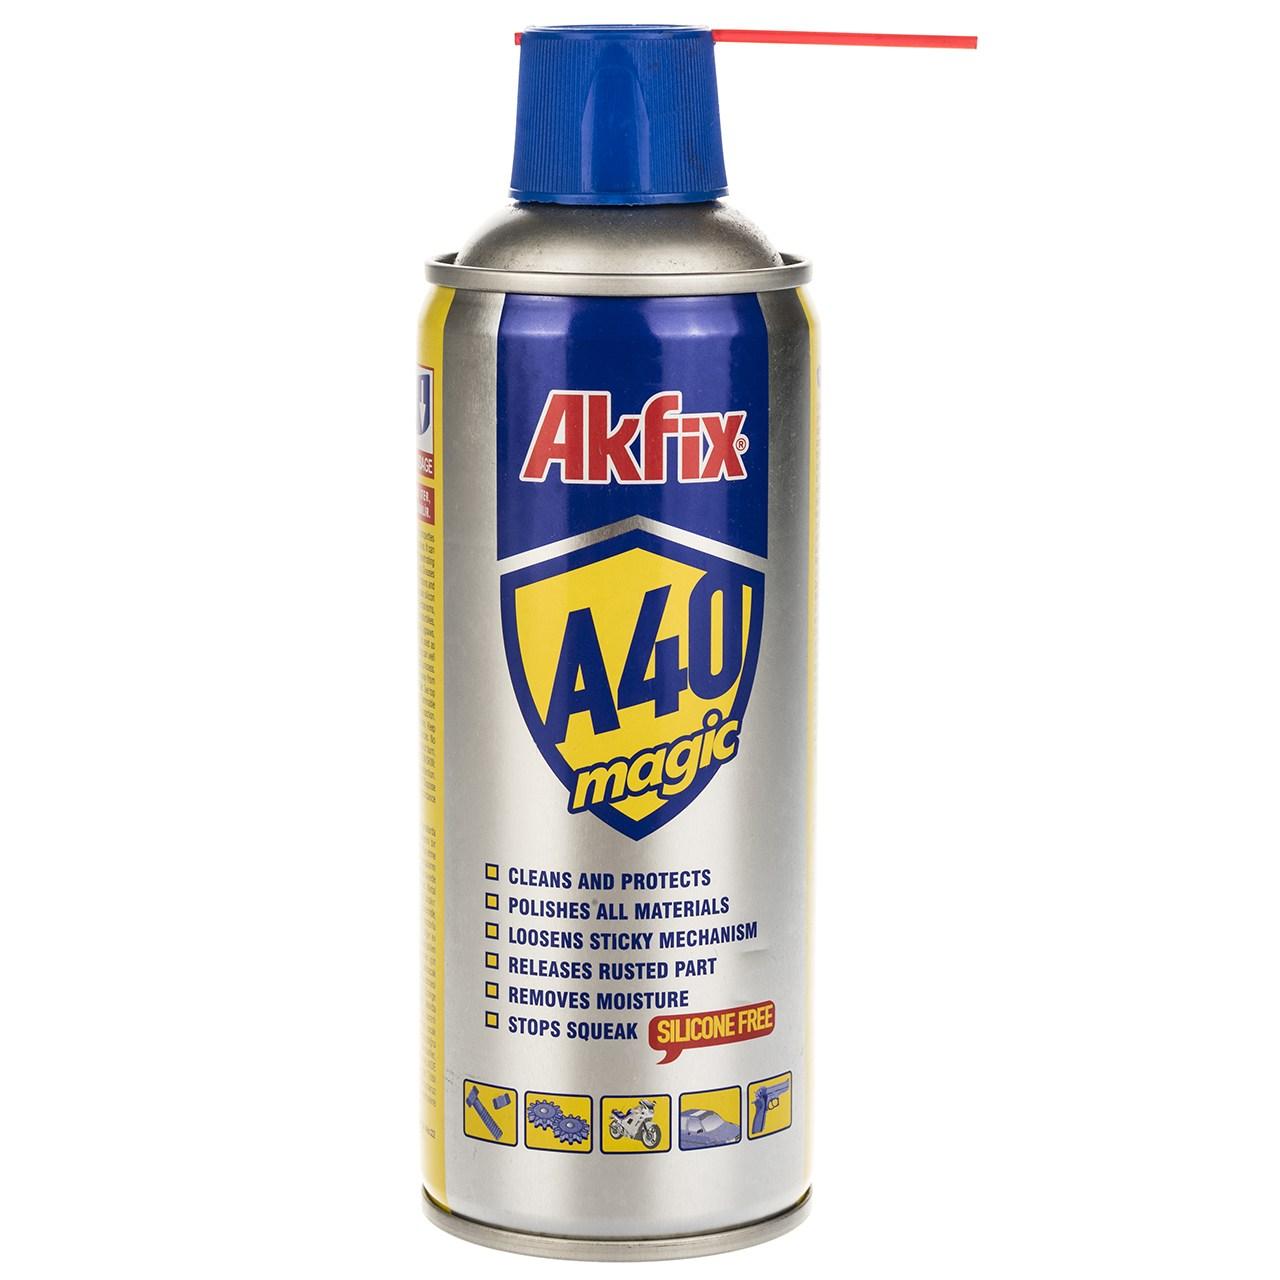 قیمت اسپری روان کننده آکفیکس مدل A40 حجم 400 میلیلیتر